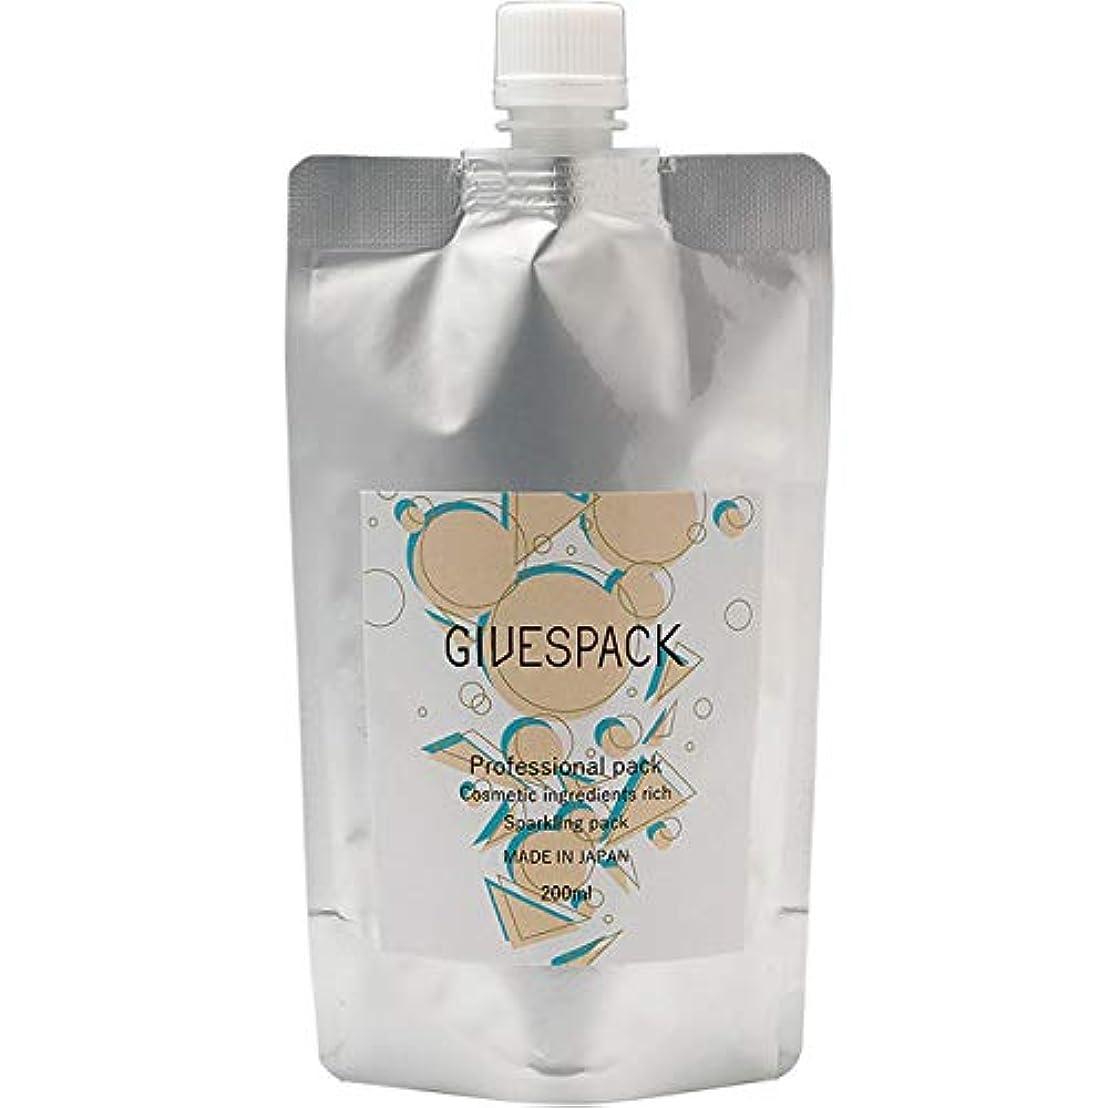 アナニバーバーシネマNAVAN ギブスパック 炭酸パック 自宅エステ 手軽な一剤式(混ぜない) オールインワン 200ml たっぷり約23回分